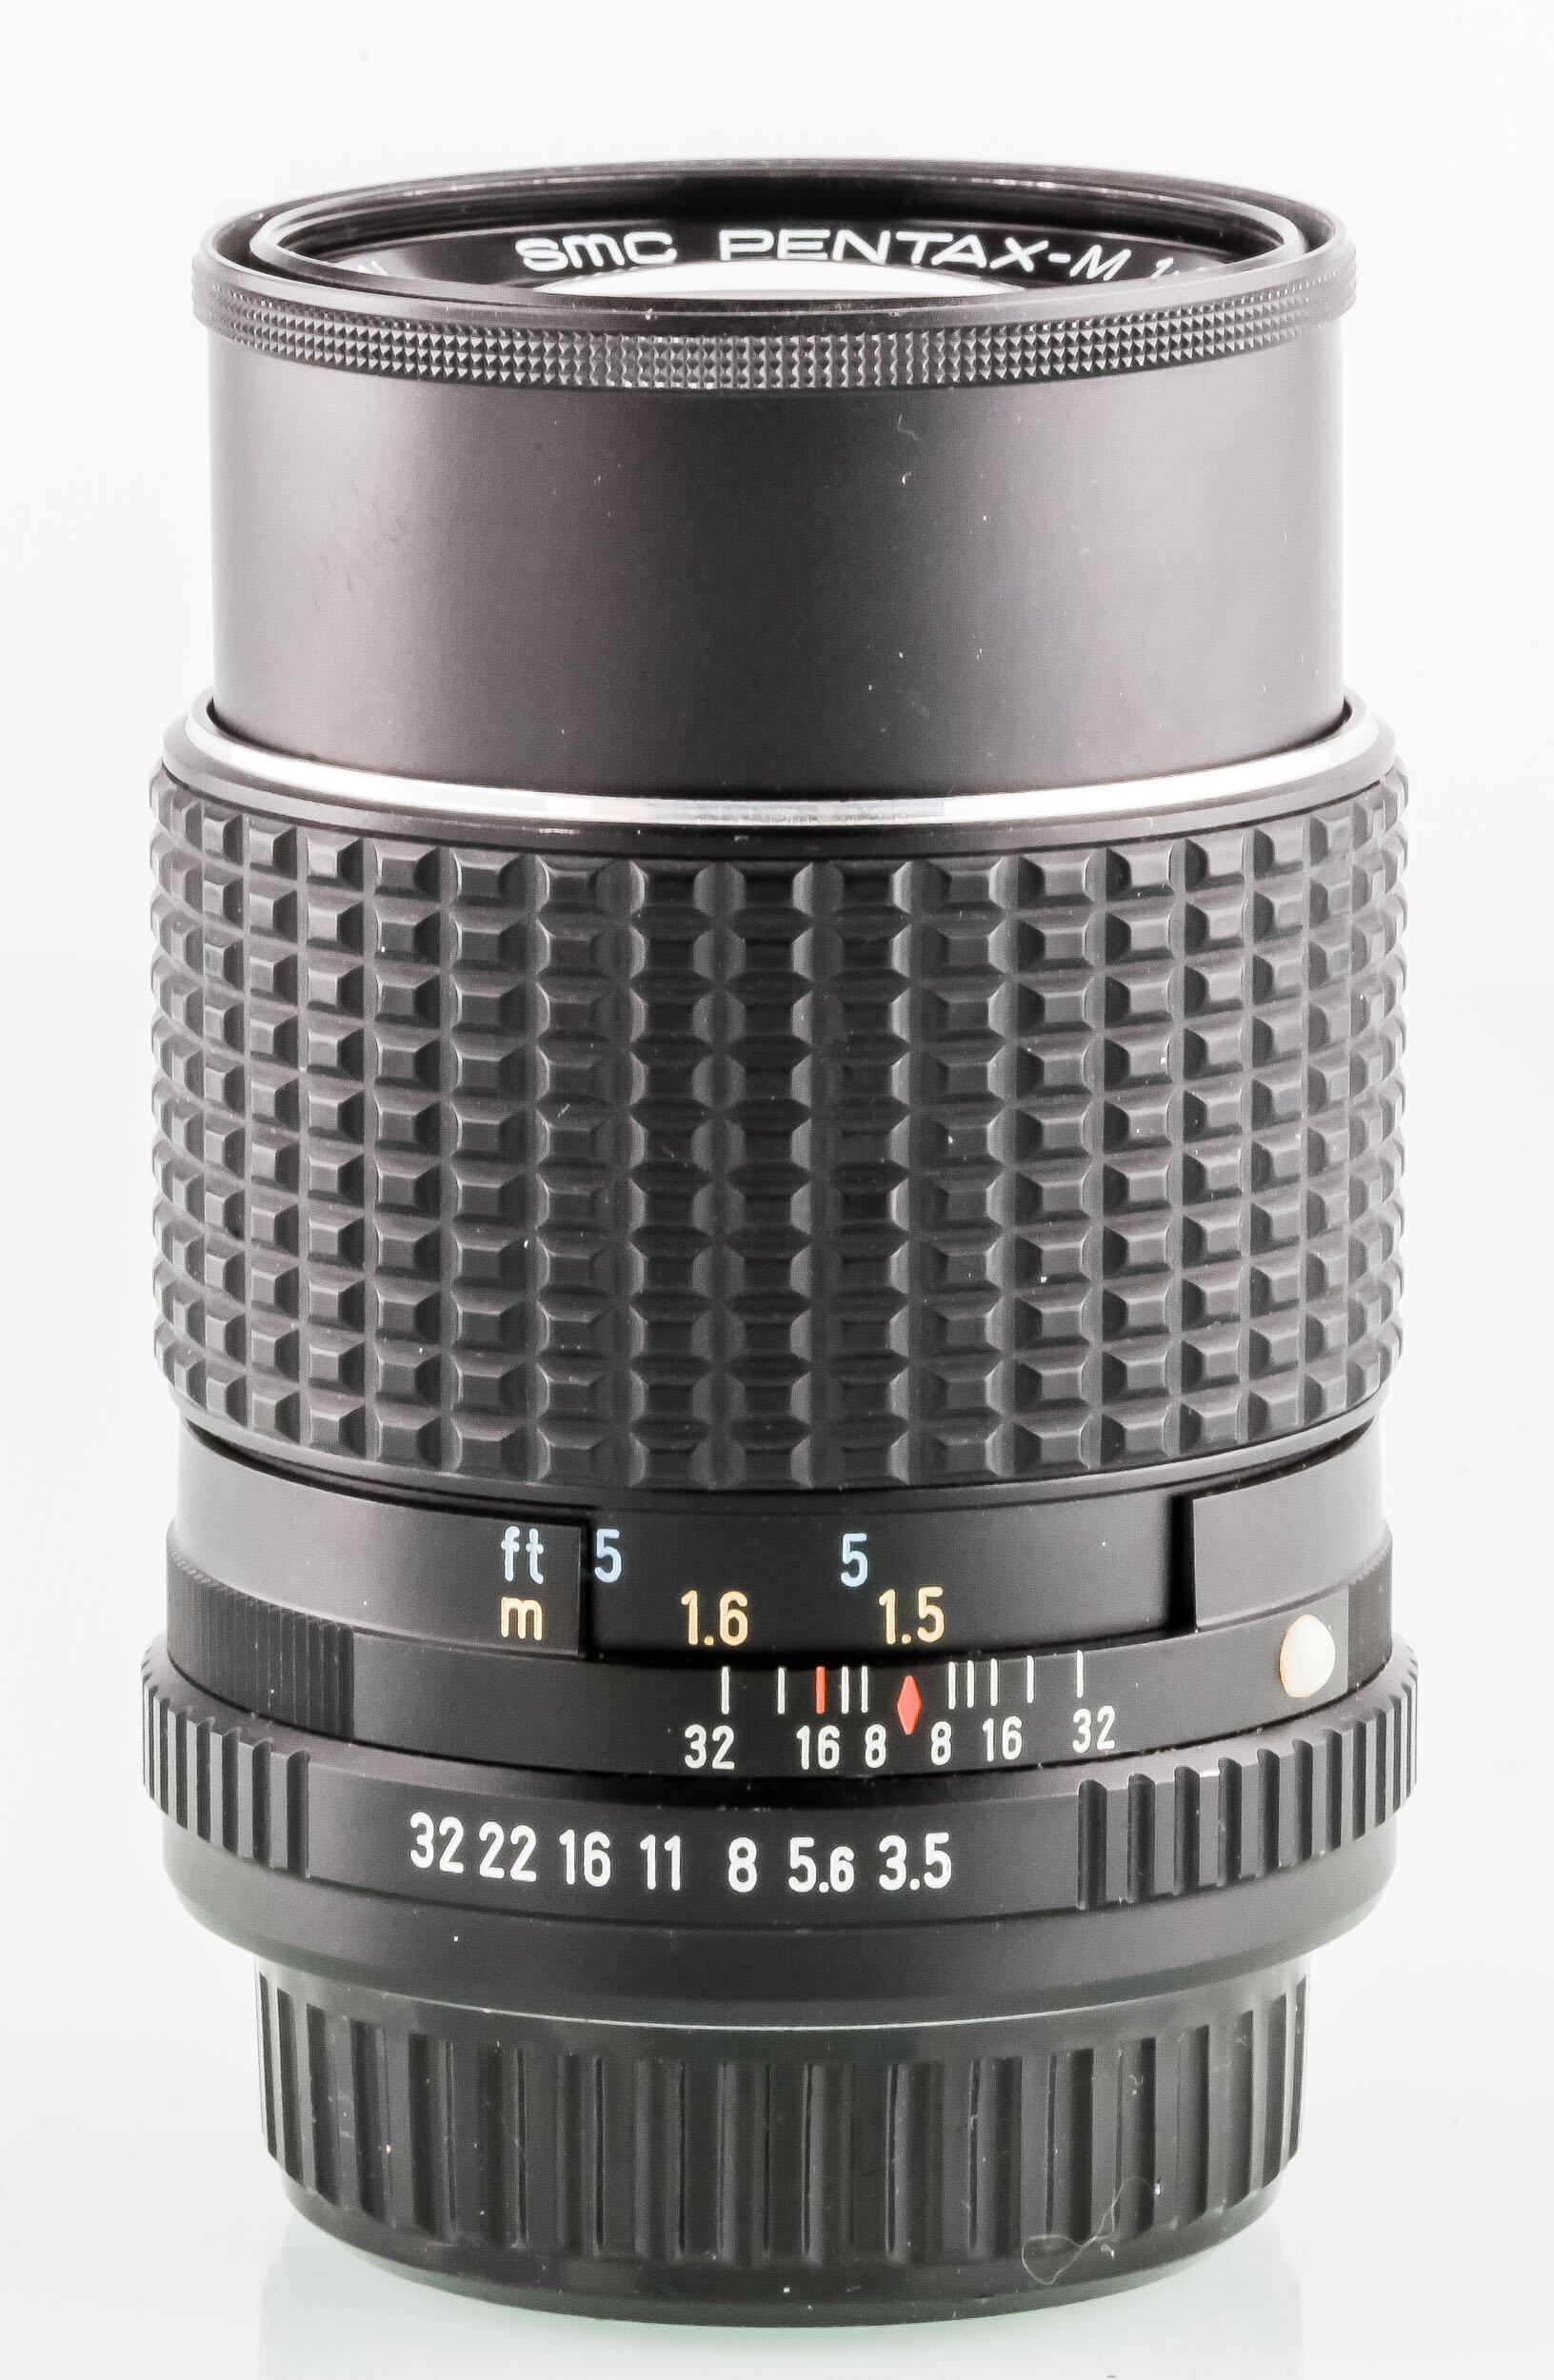 SMC Pentax-M 3.5/135mm